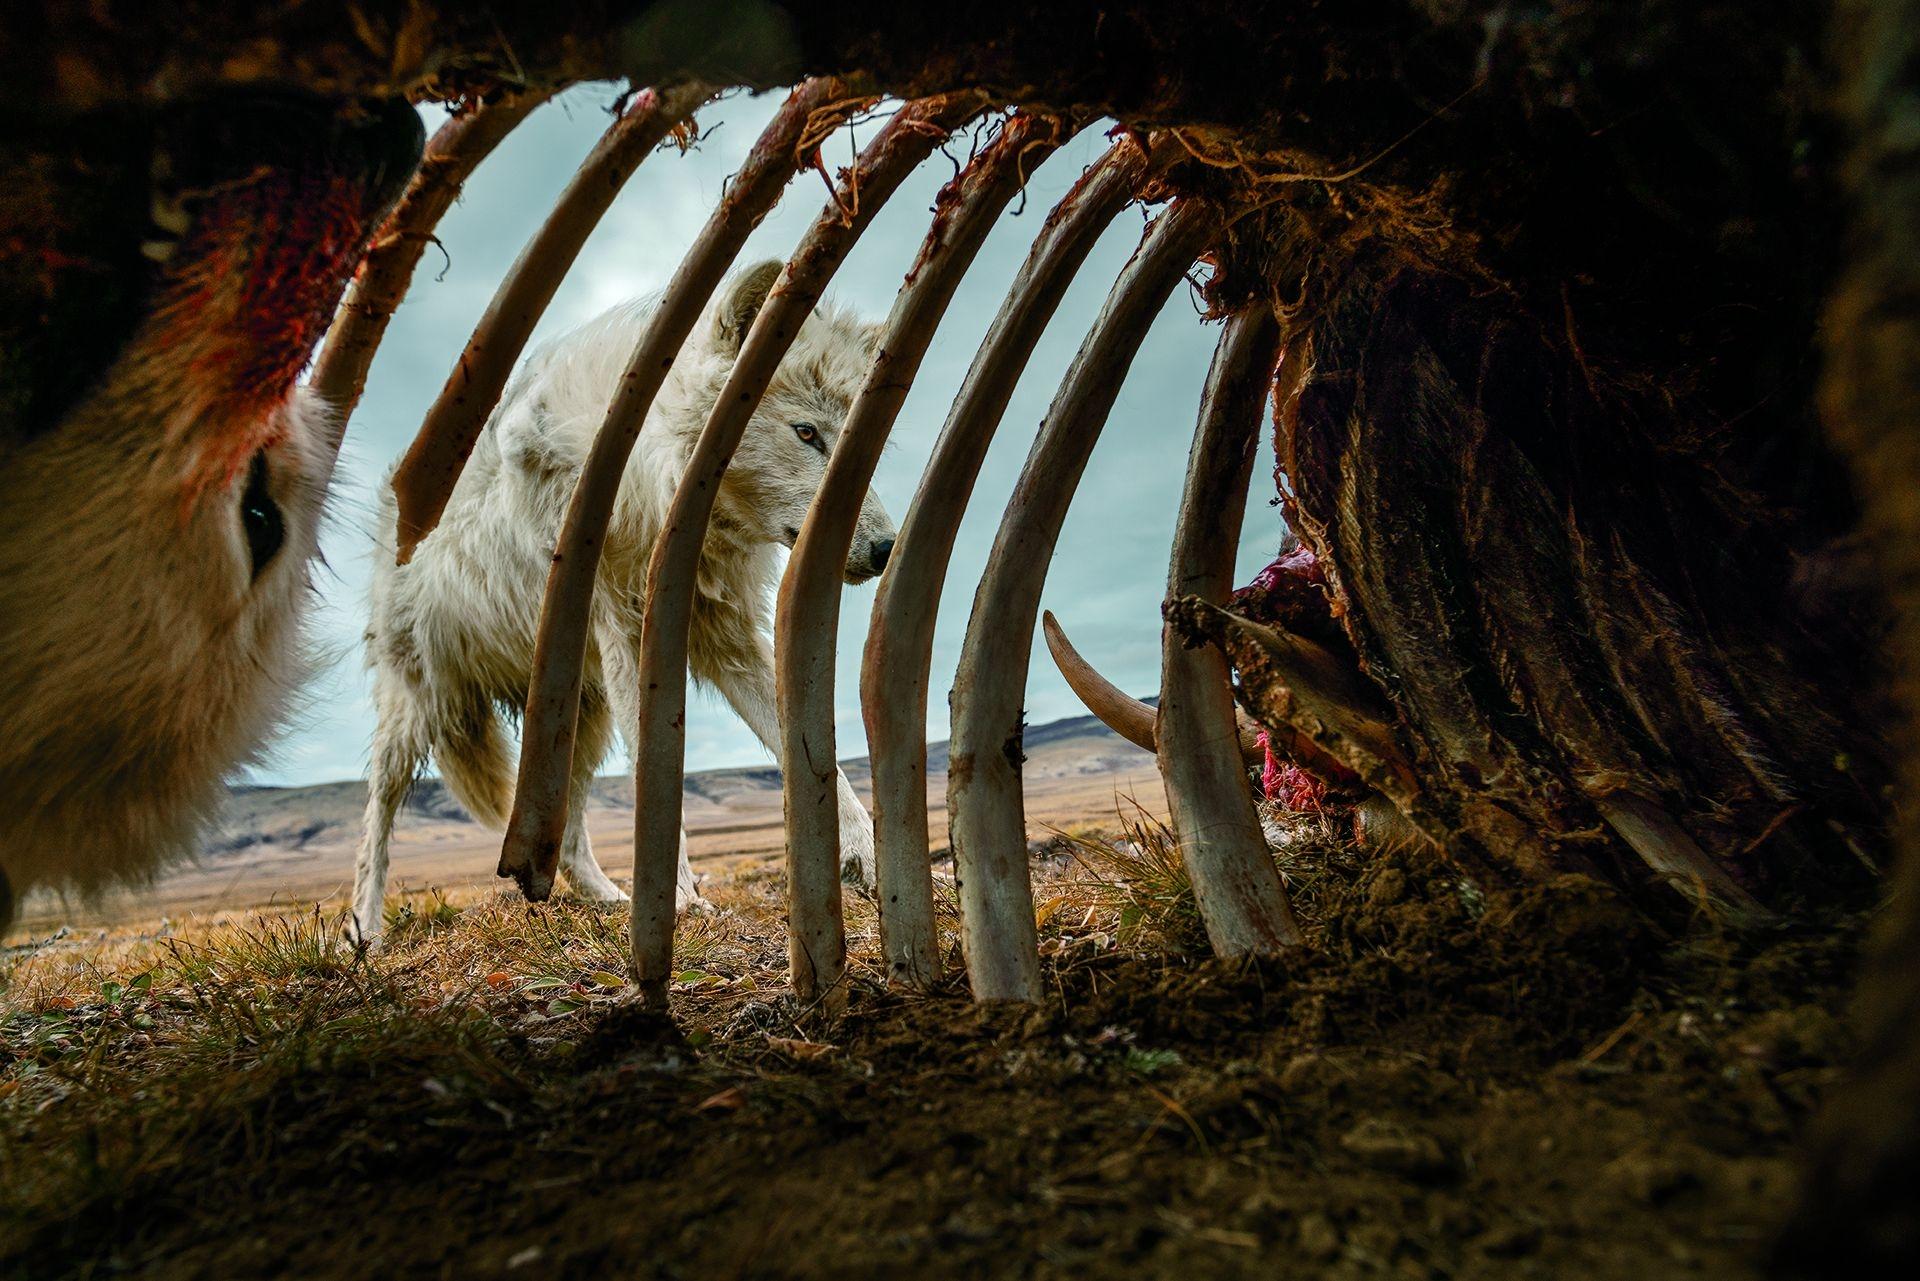 狼群享用麝牛的殘骸。為了拍攝這張照片,攝影師羅南.唐納文在屍體裡架設了一個自動相機。這群狼斷斷續續地回去吃了一個月。攝影:羅南.唐納文 RONAN DONOVAN